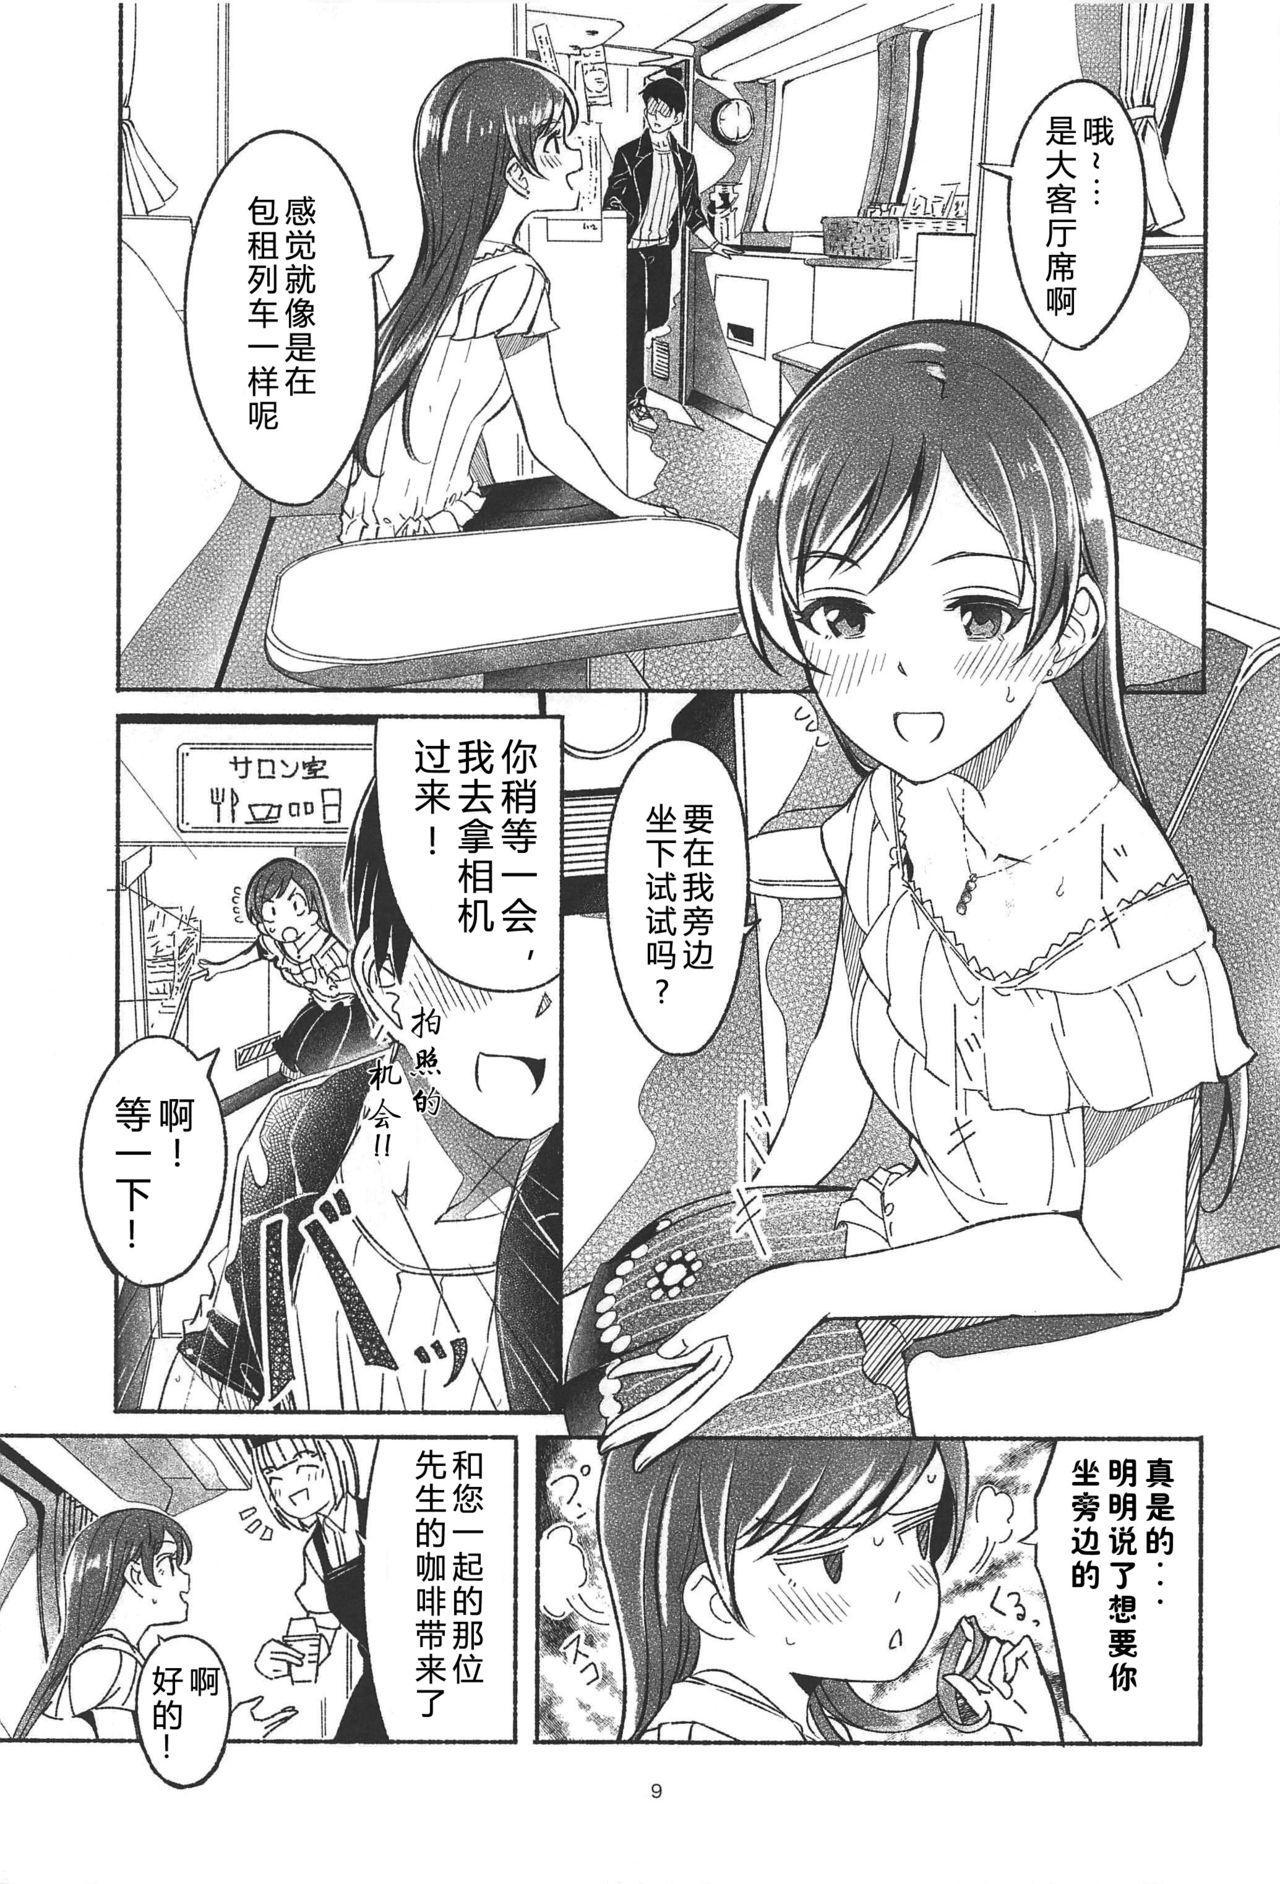 Nagisa no Hanayome 10